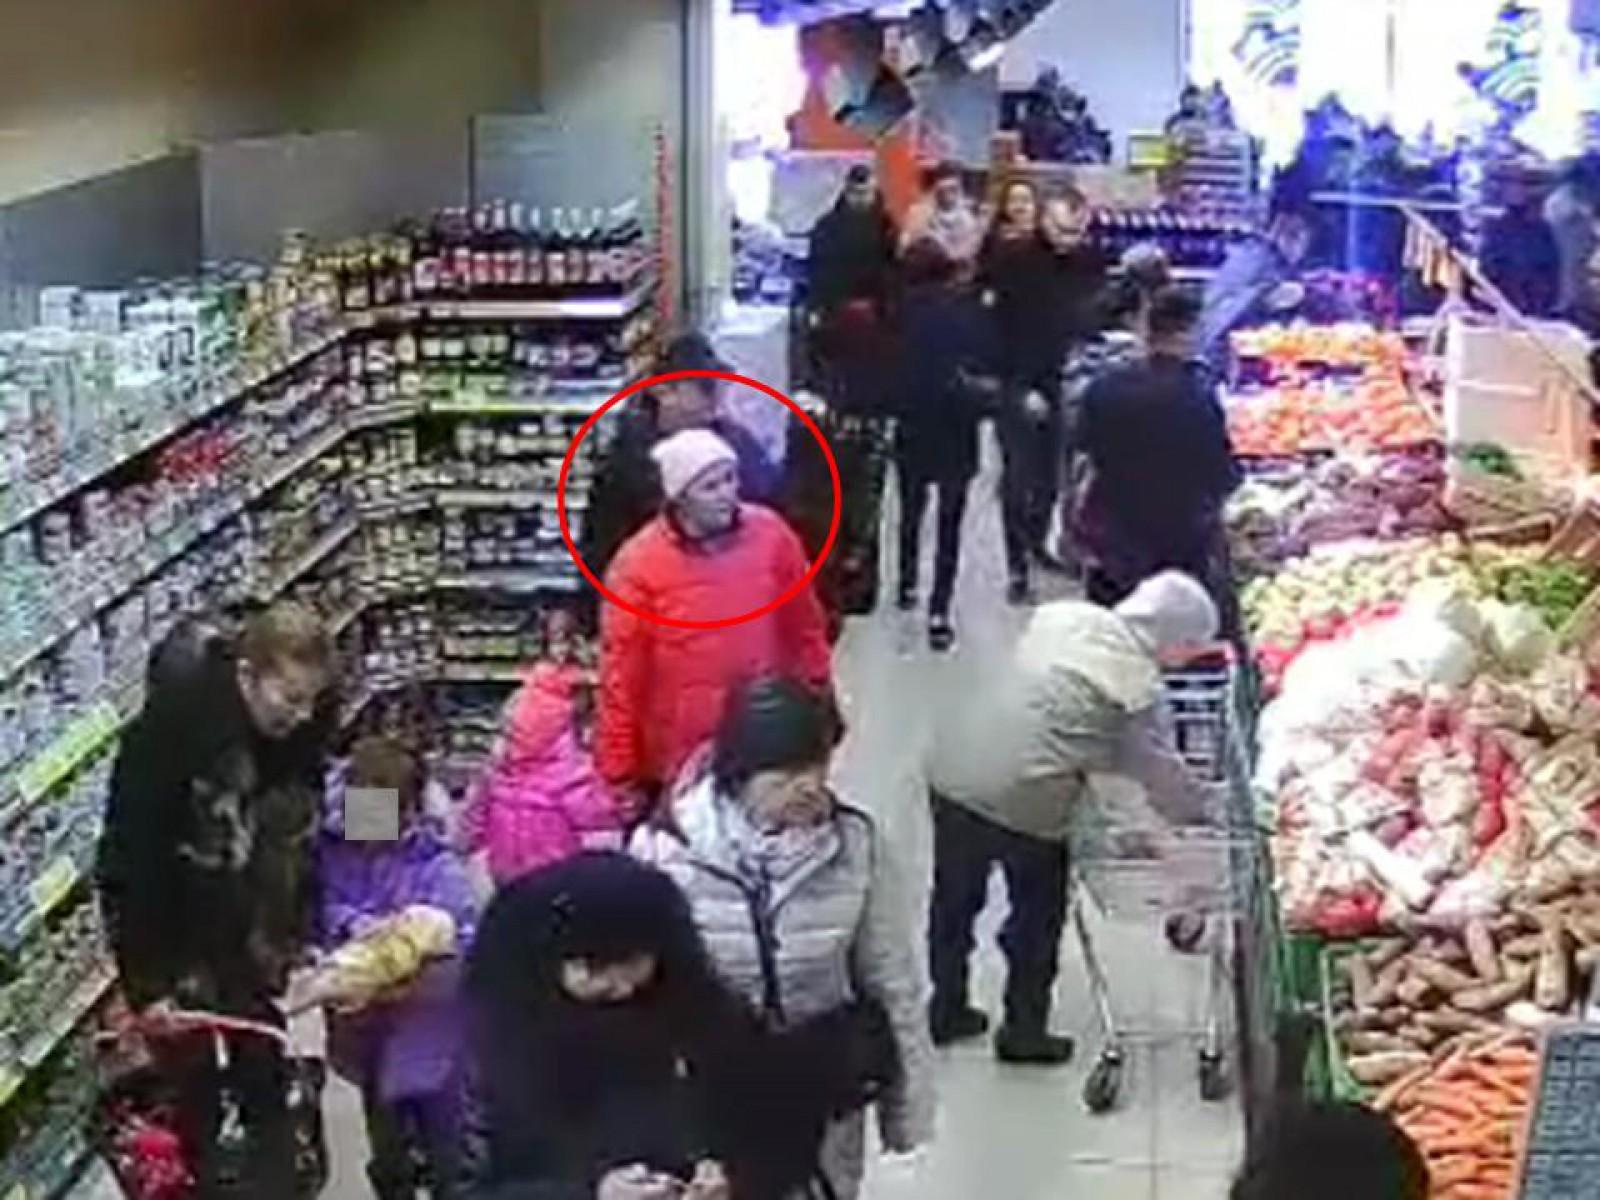 Femeia din imagine este căutată de poliție, bănuită pentru furtul unui portmoneu